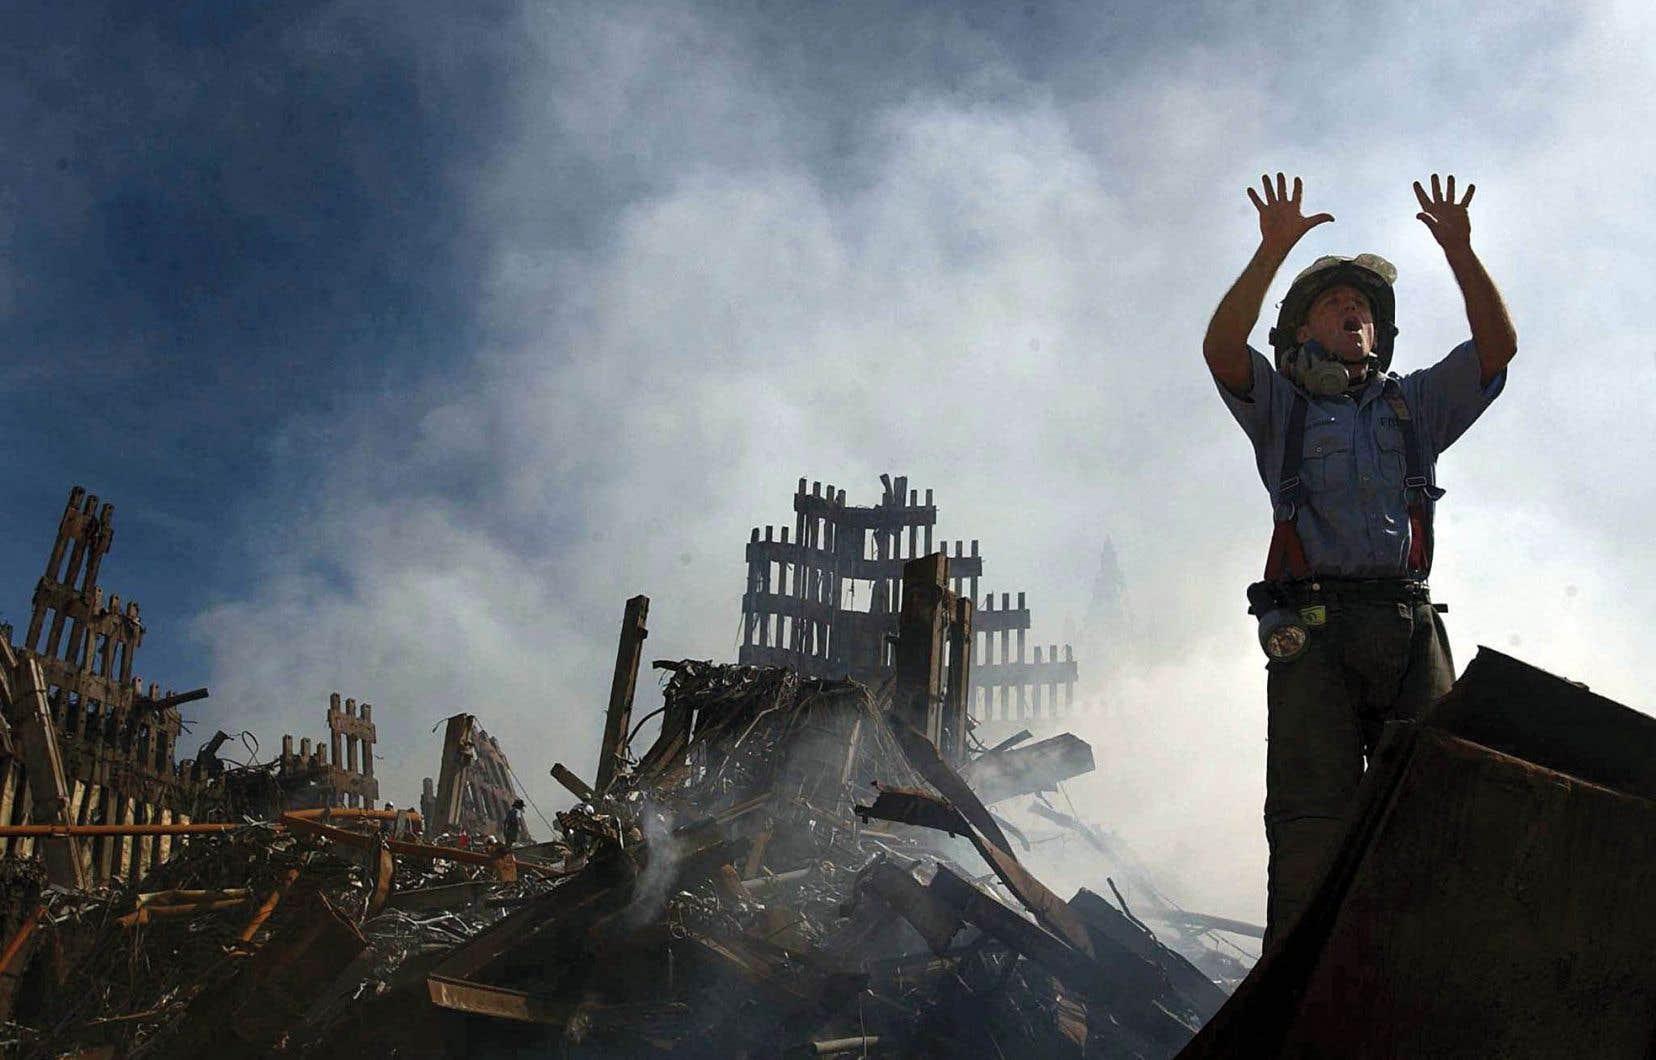 Un pompier dans les ruines du World Trade Center, après les attentats du 11-Septembre.